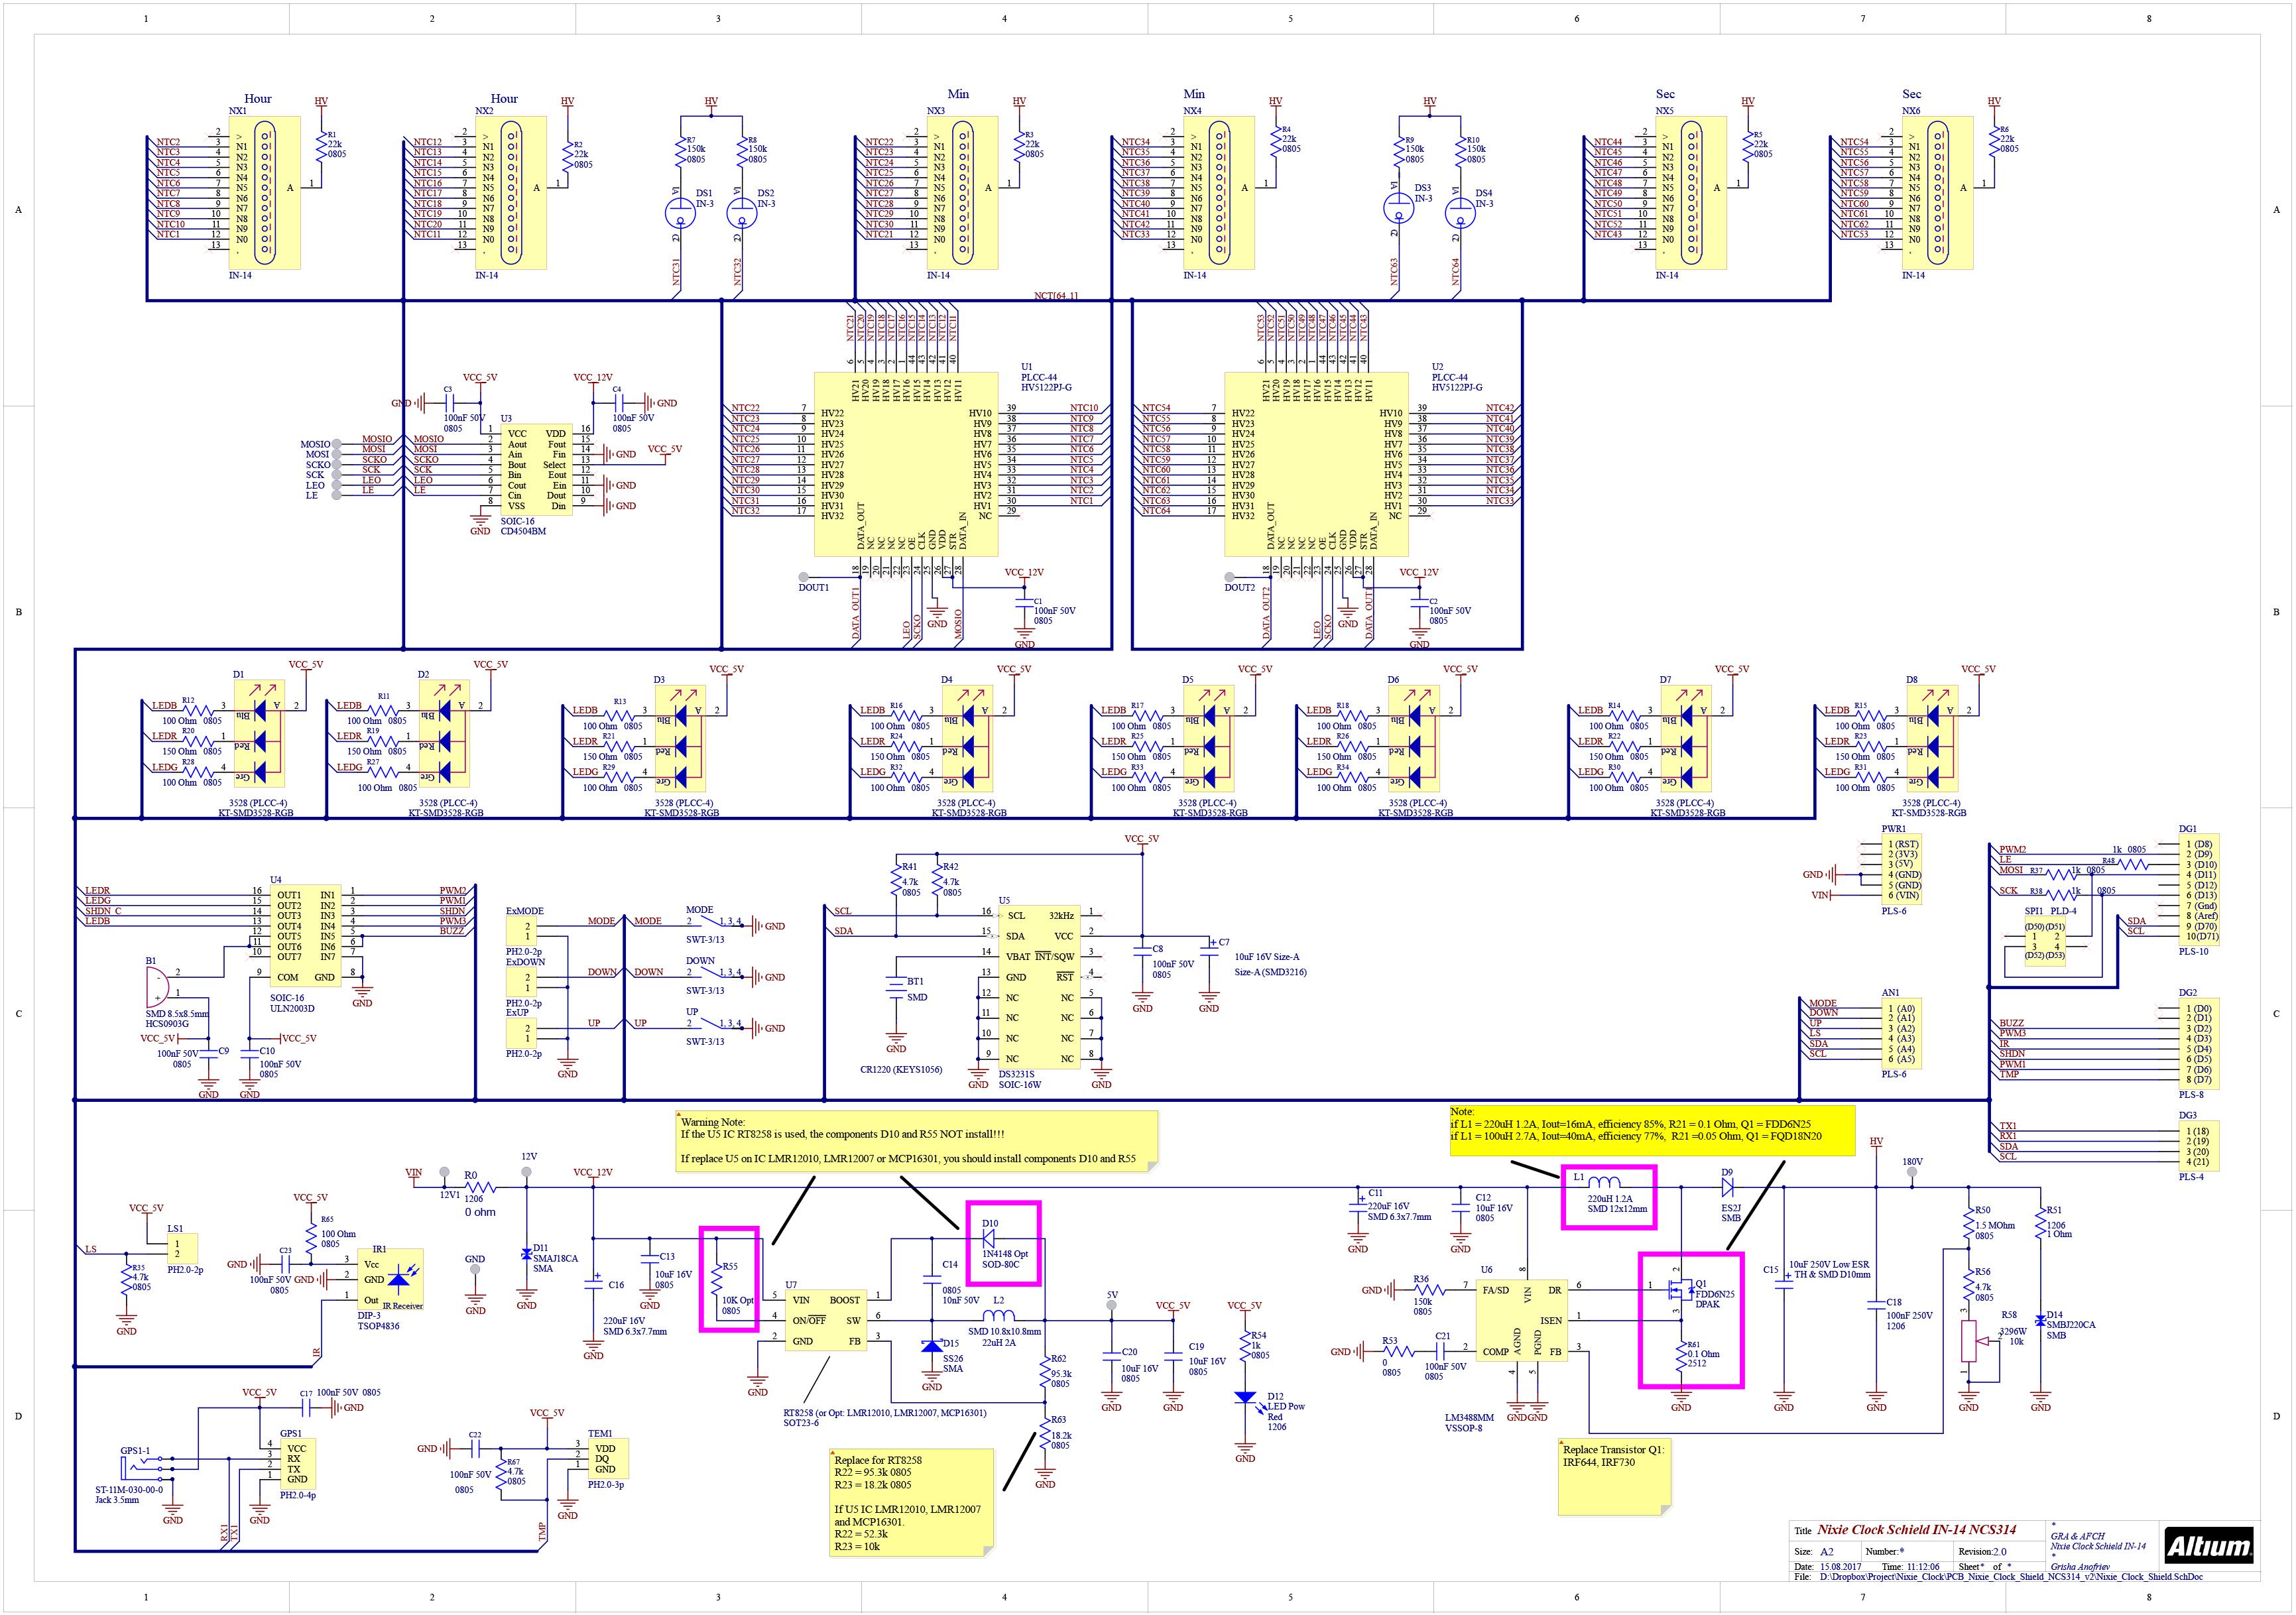 Scheme shield ncs314 v2 0 4xmuzk2dts